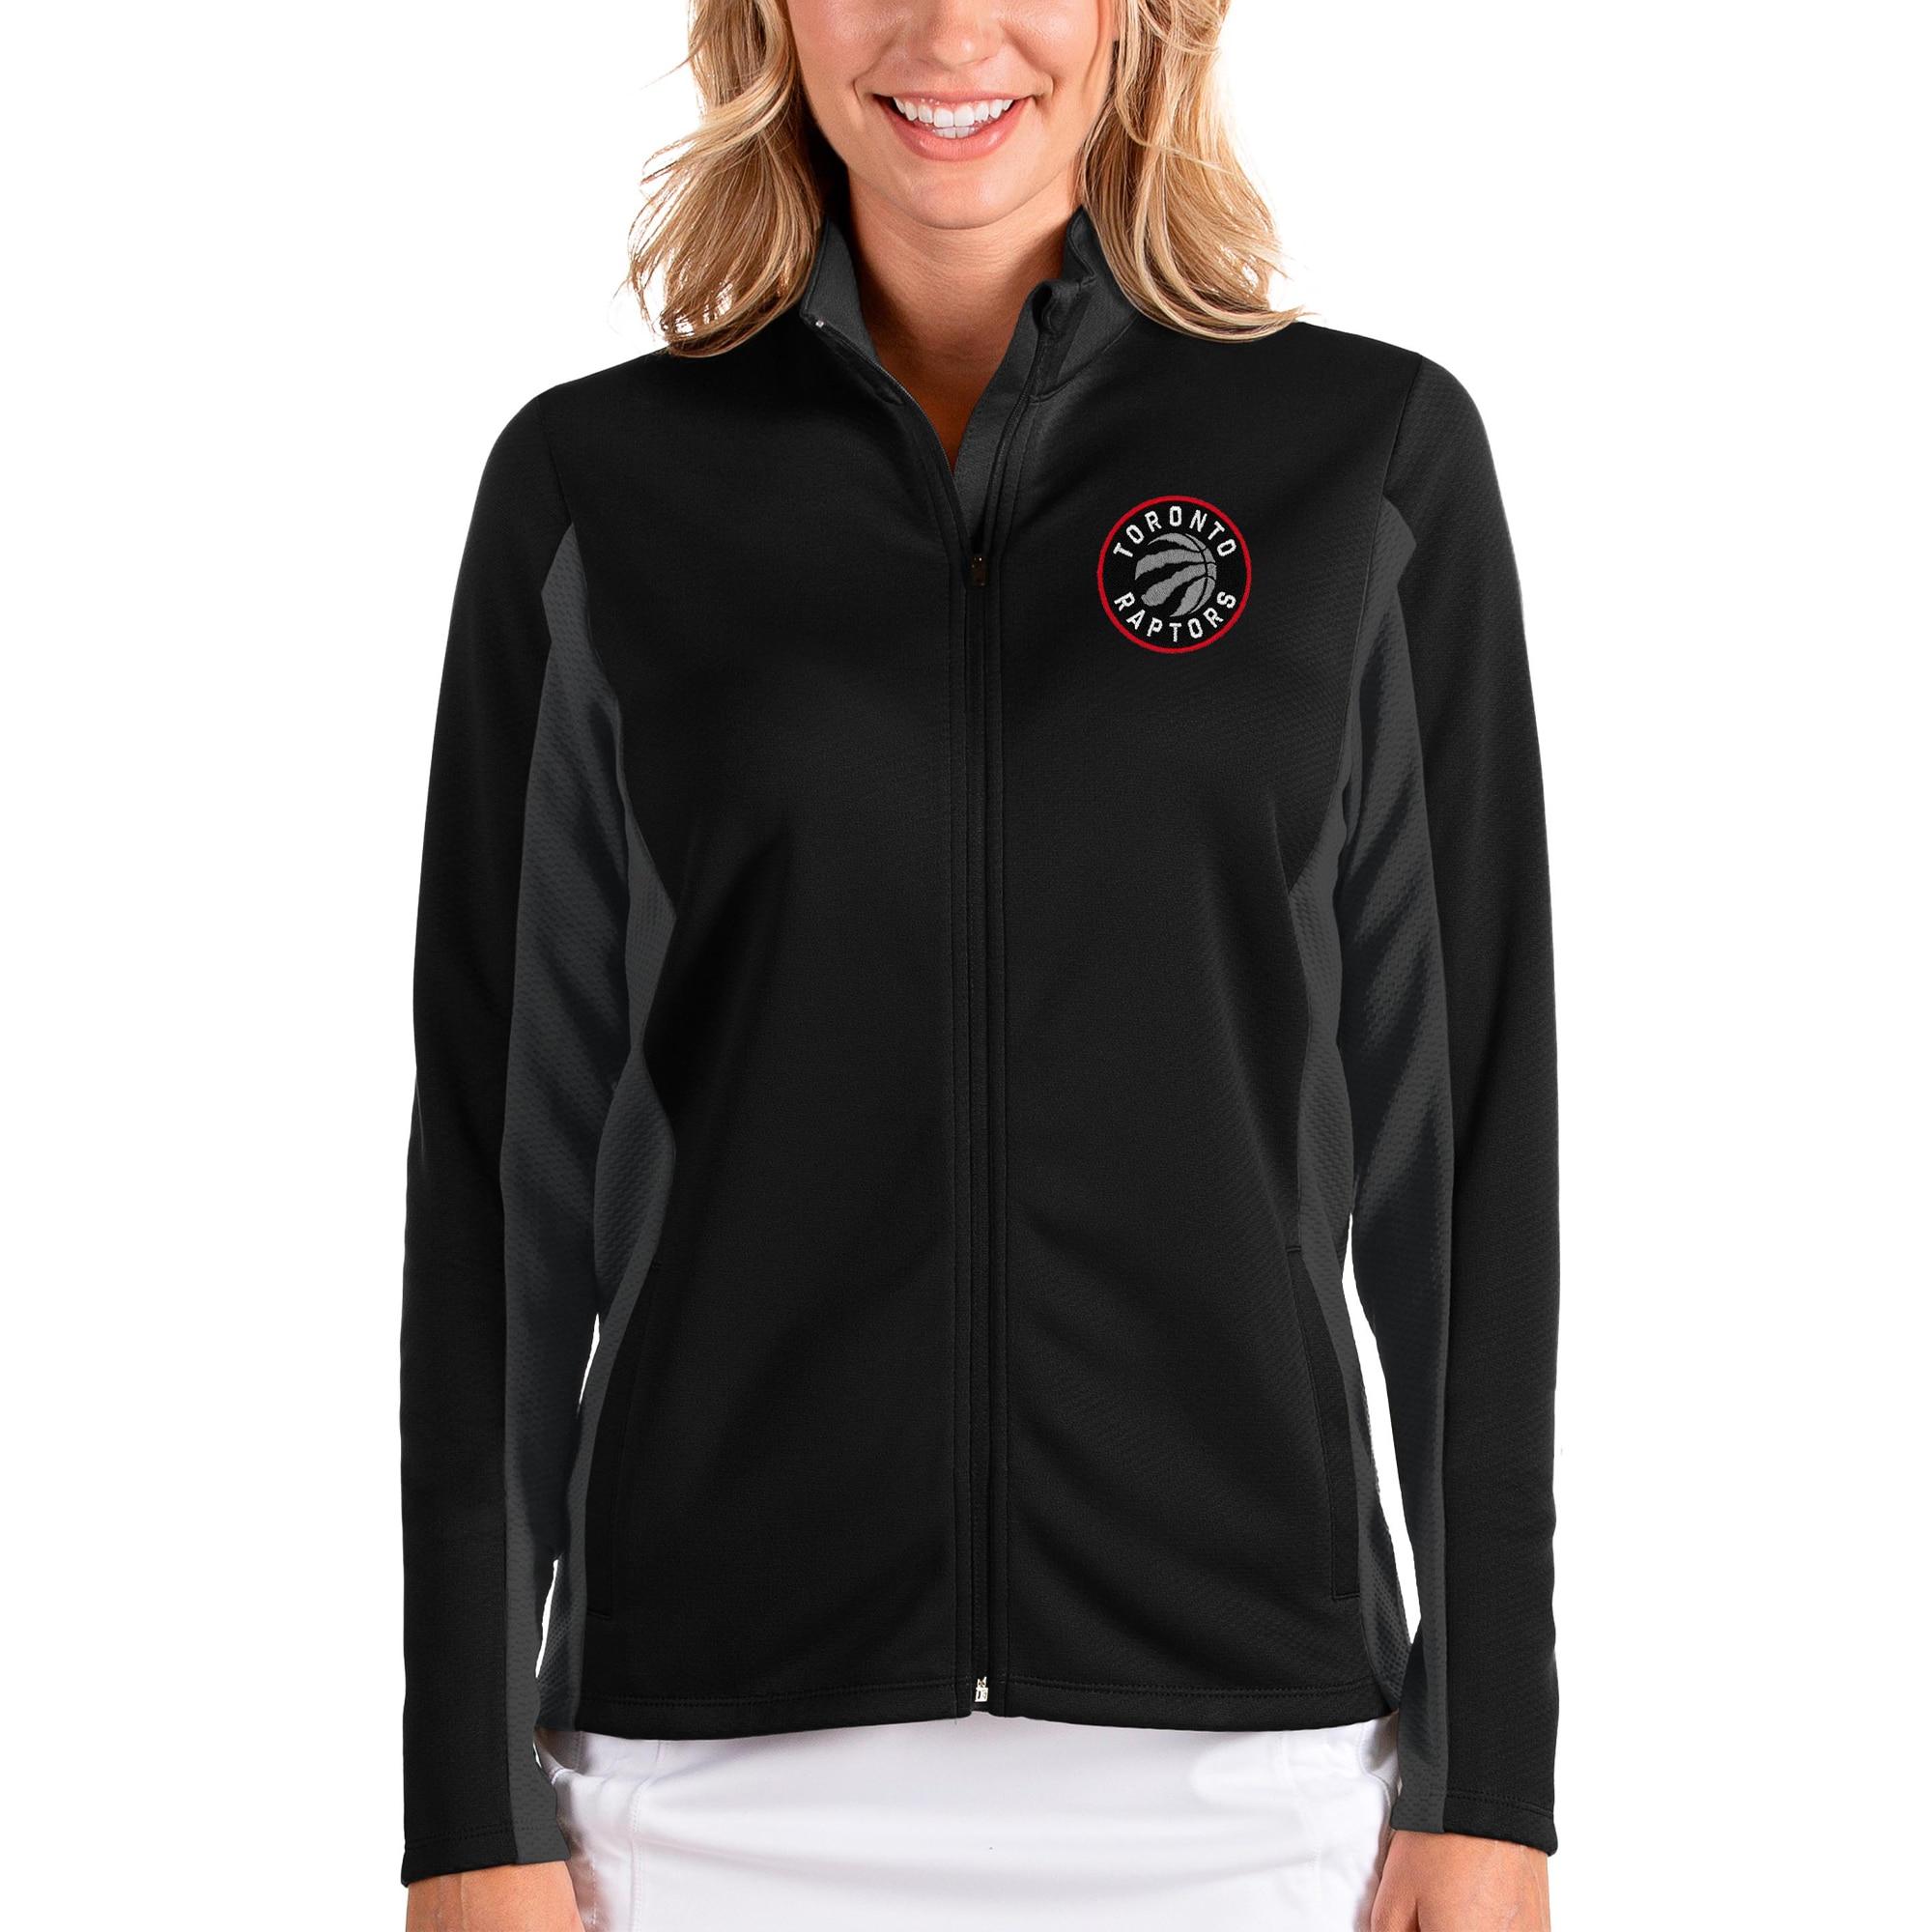 Toronto Raptors Antigua Women's Passage Full-Zip Jacket - Black/Charcoal